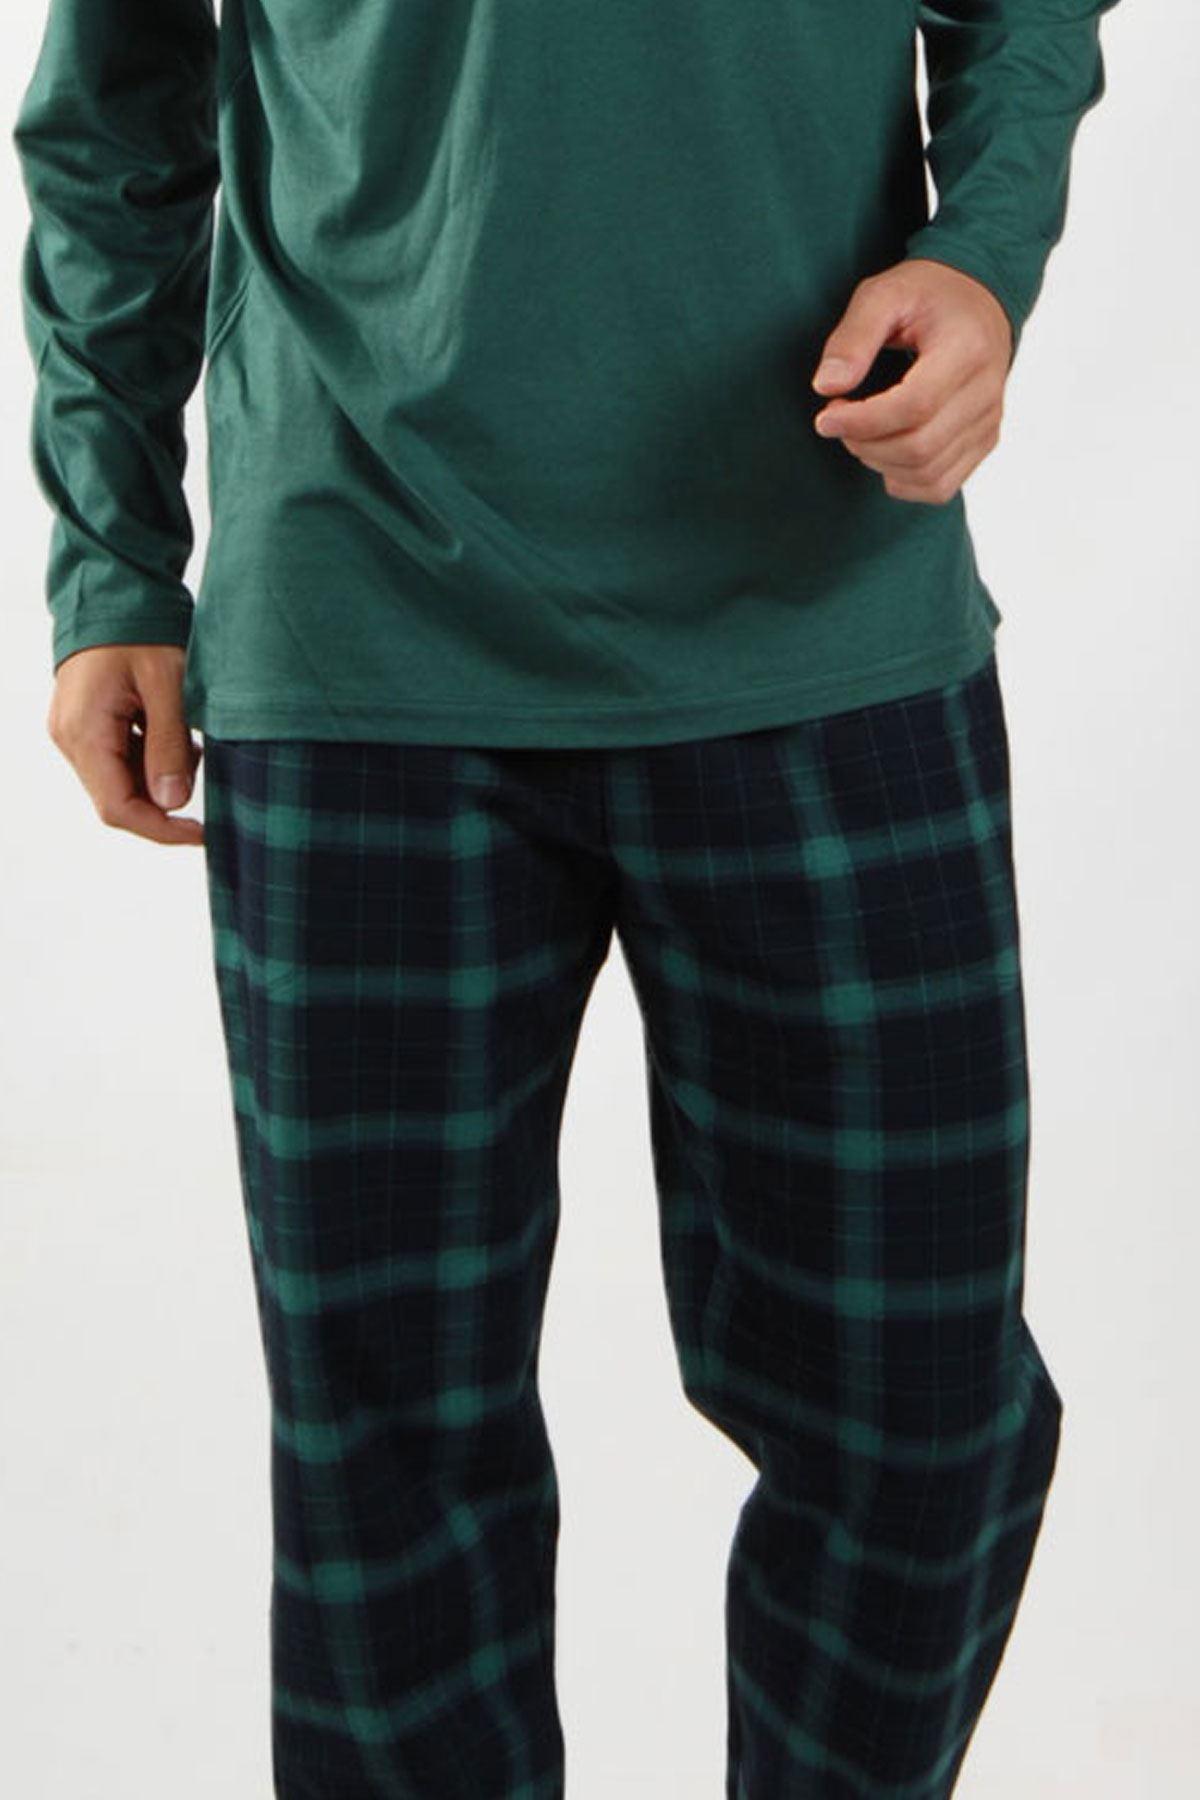 Yeşil Ekoseli Erkek Pijama Takımı V Yaka Kışlık Uzun Kollu Pijama 6014